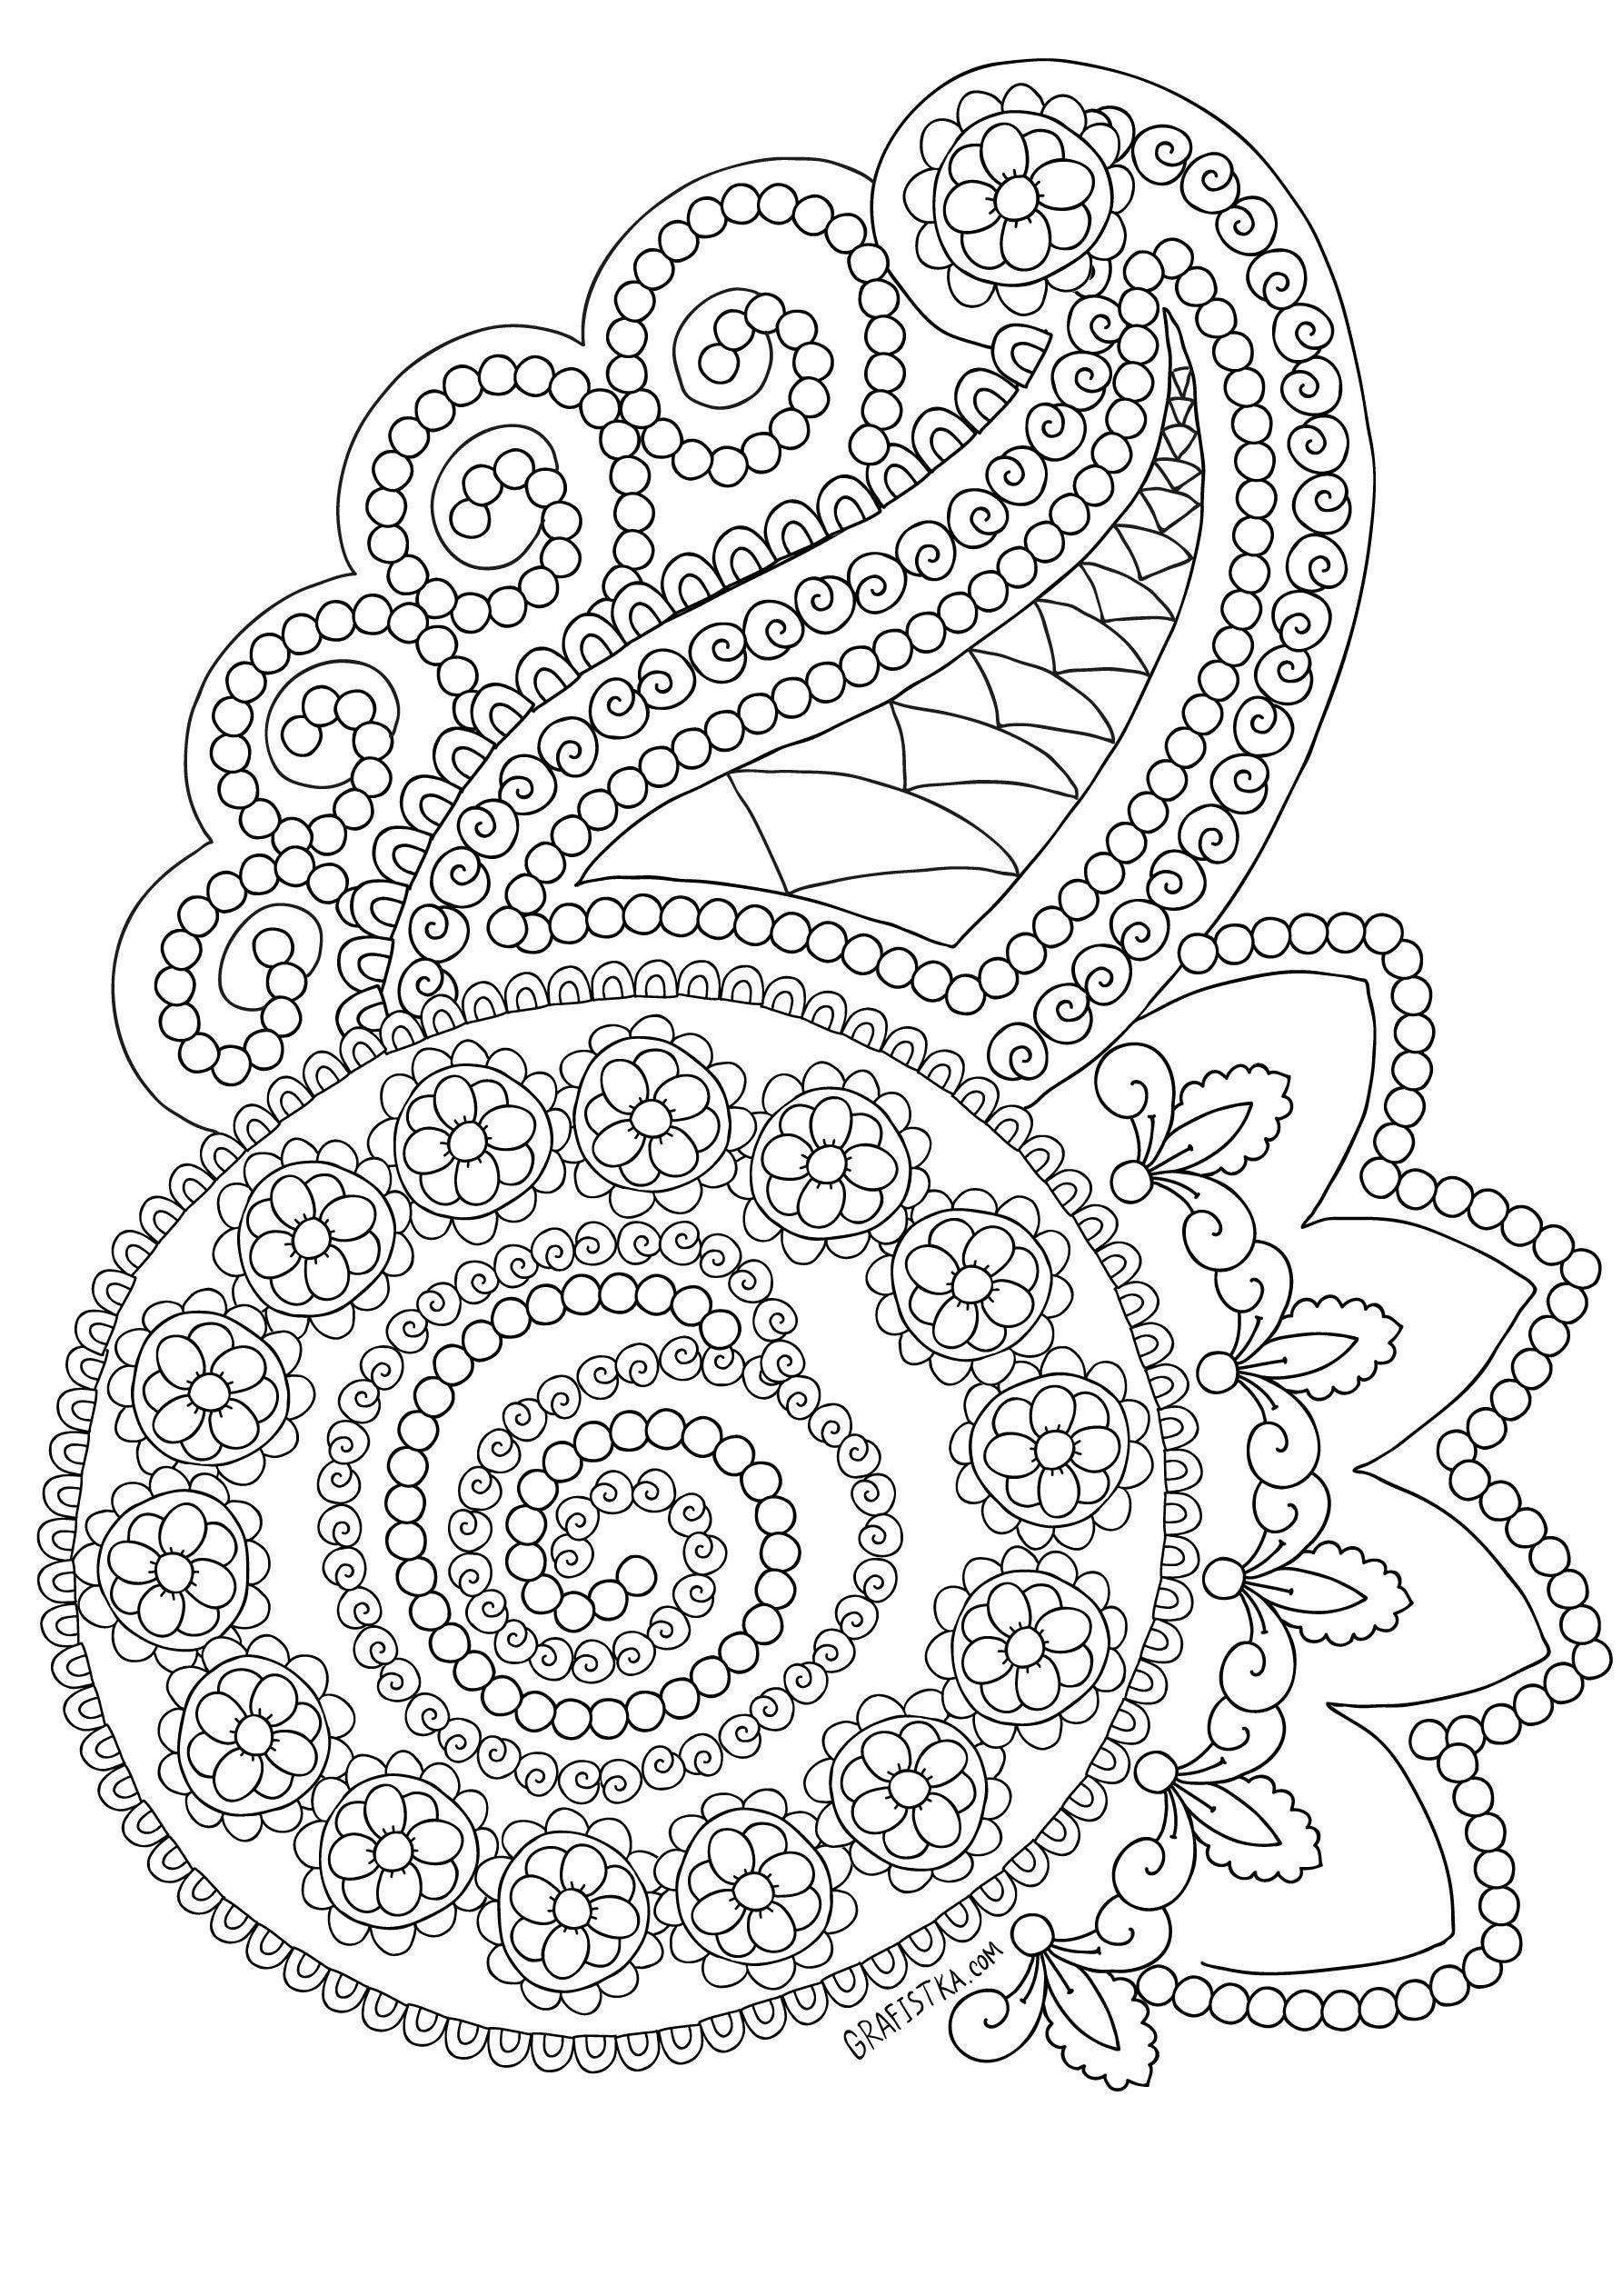 Раскраска антистрессовая огурцы LEAVES AND LEAVES Pinterest